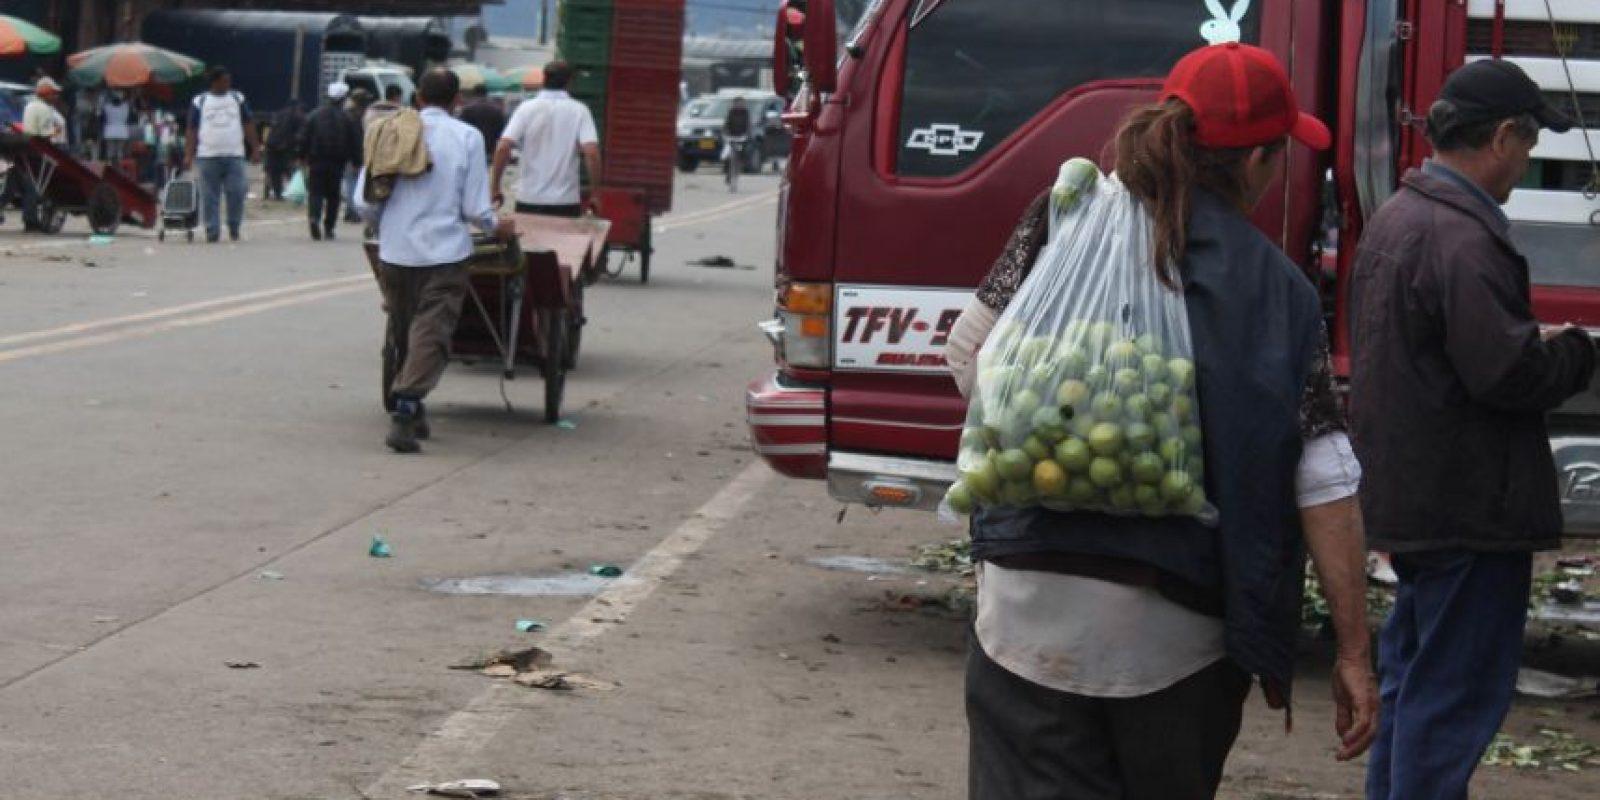 No todos buscan en los contenedores. Algunos recogen lo que los comerciantes rechazan. Foto:Sofía Toscano-Publimetro